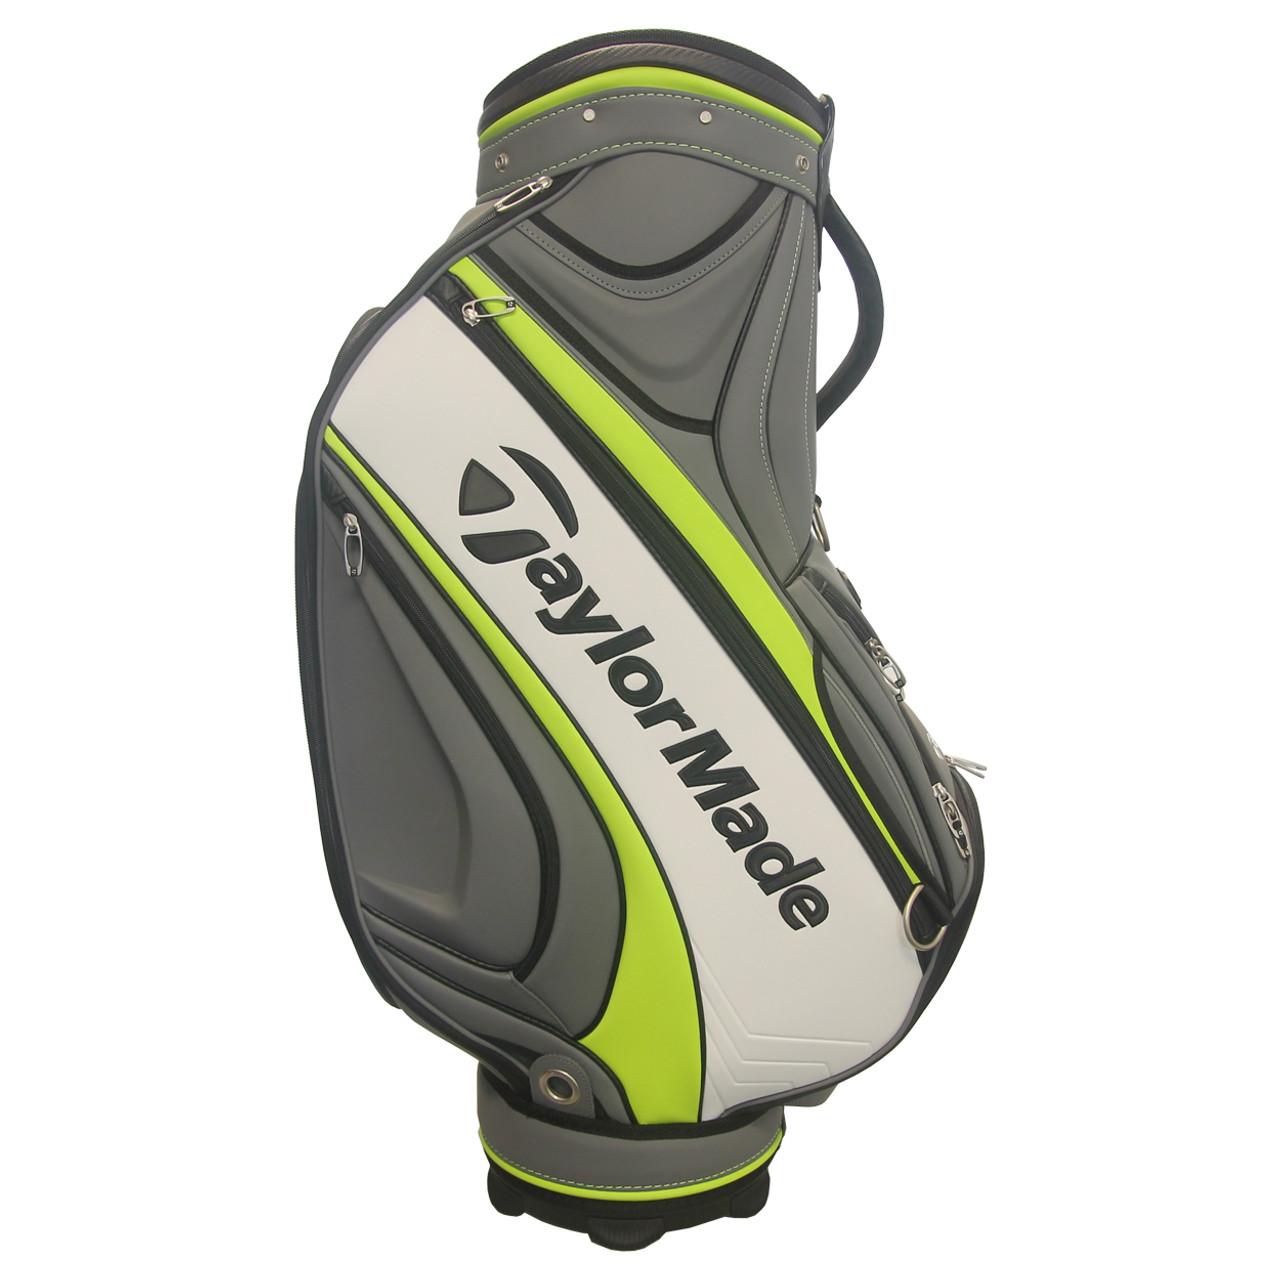 Taylormade Golf Bag >> Taylormade Tour Staff Golf Bag